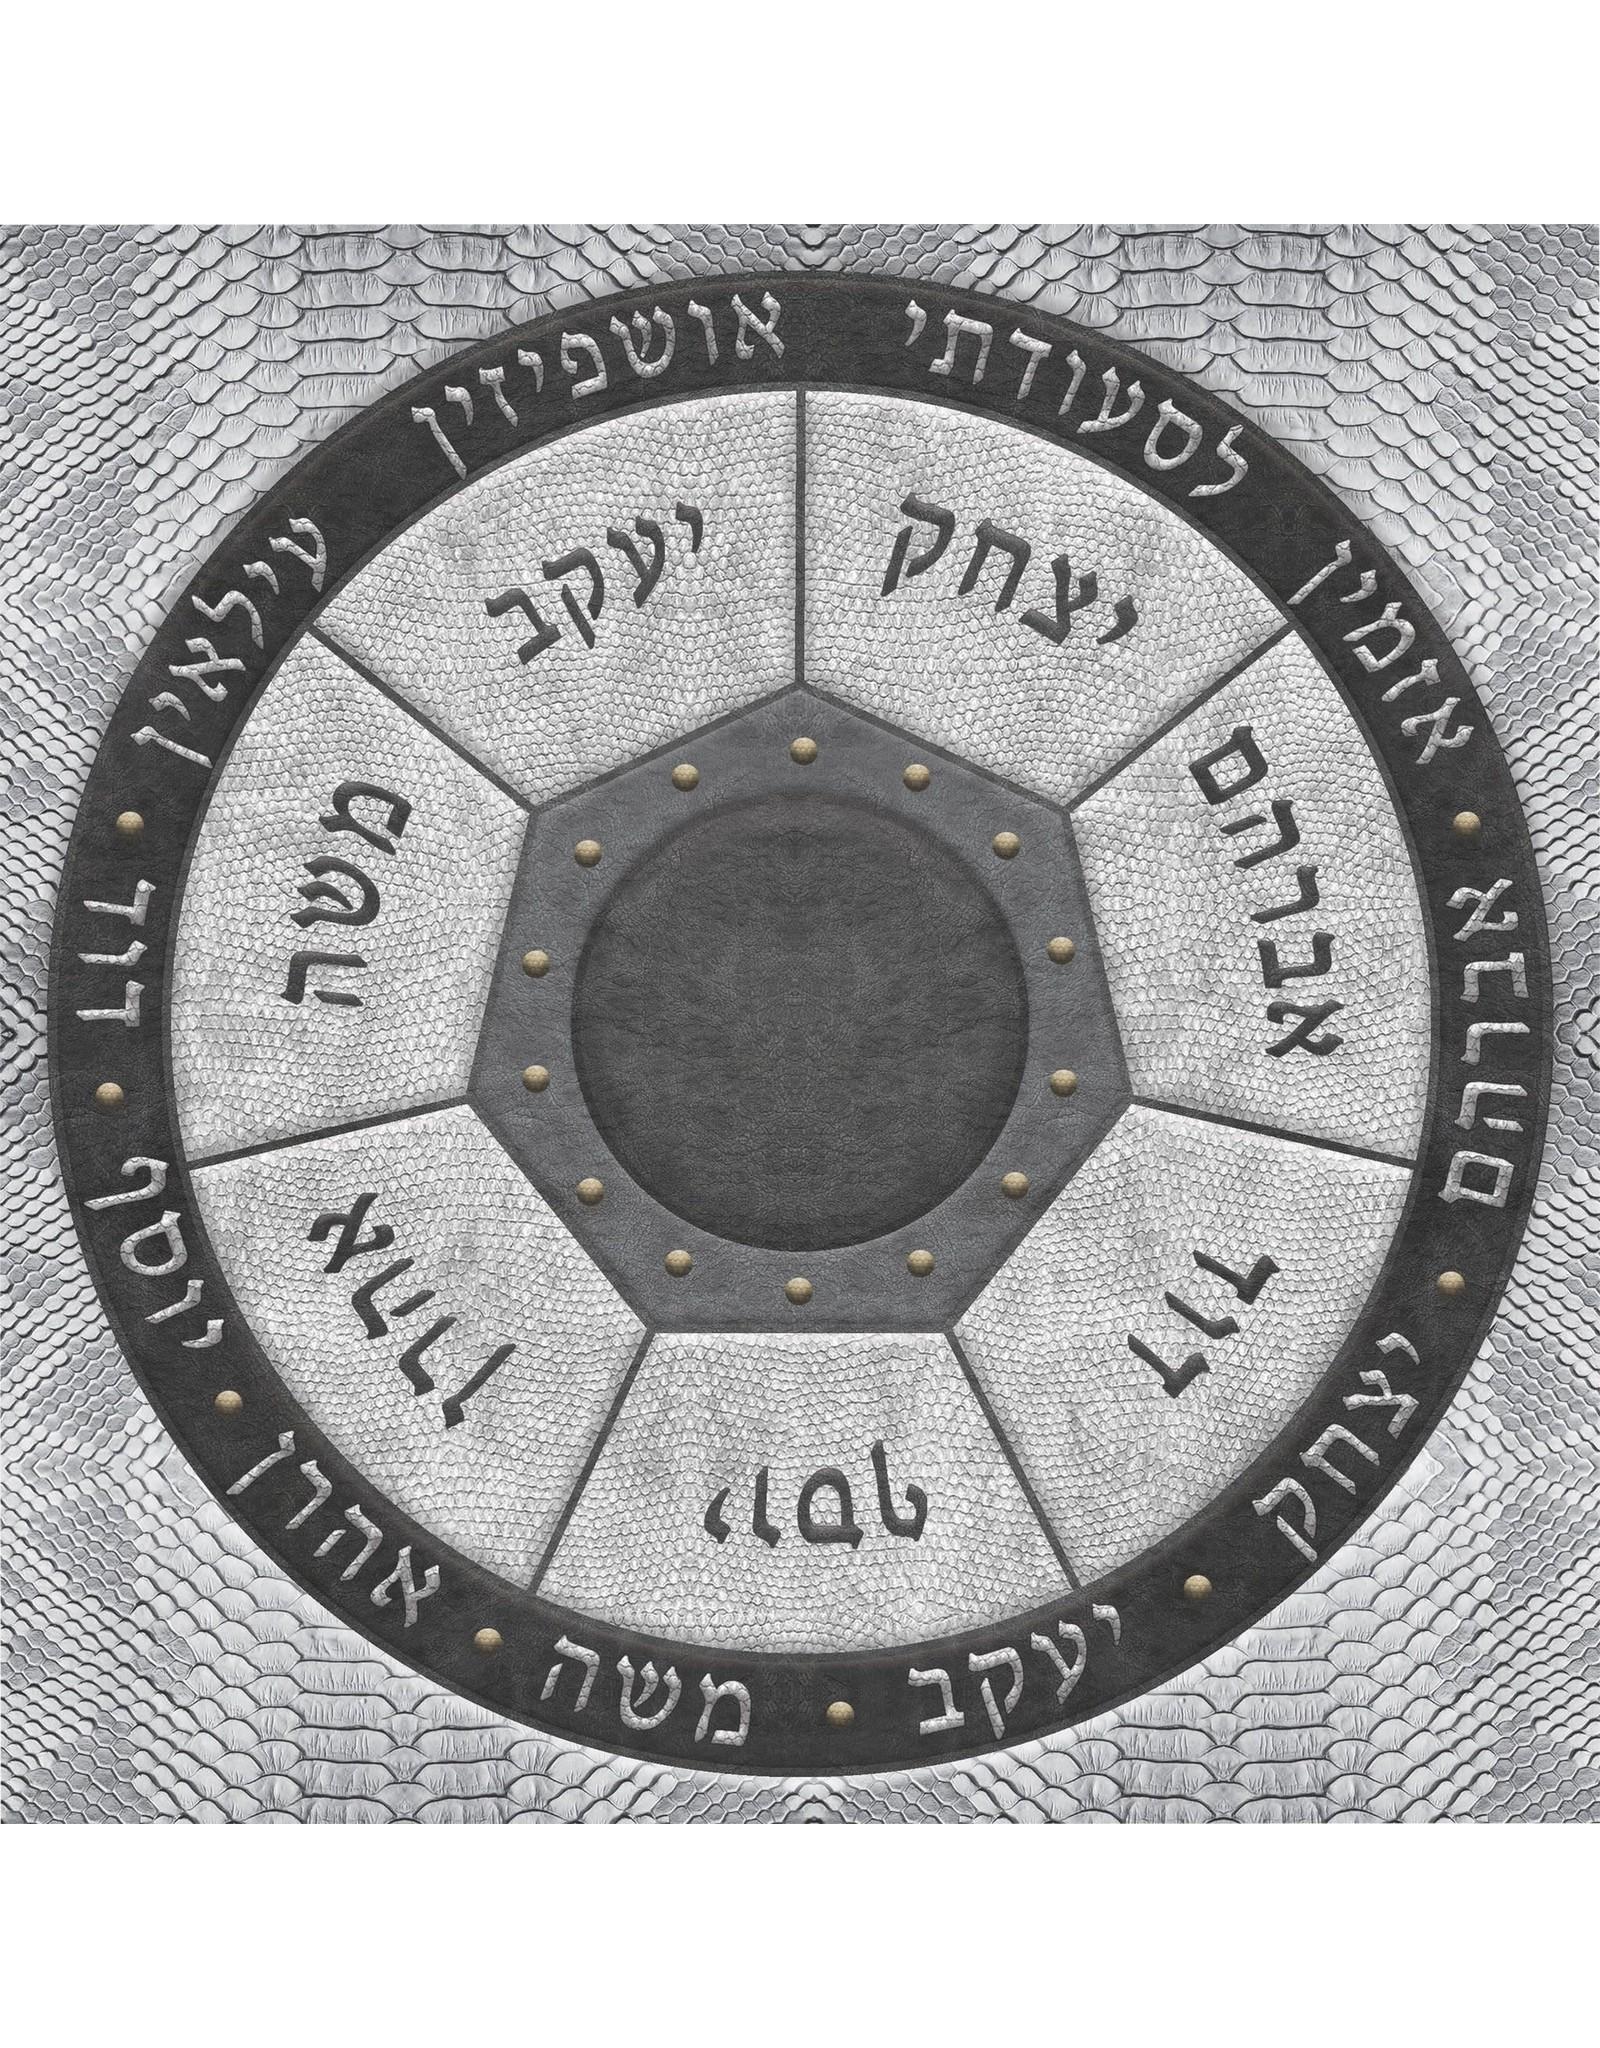 Ushpizin Splendor Placemats Set of 30